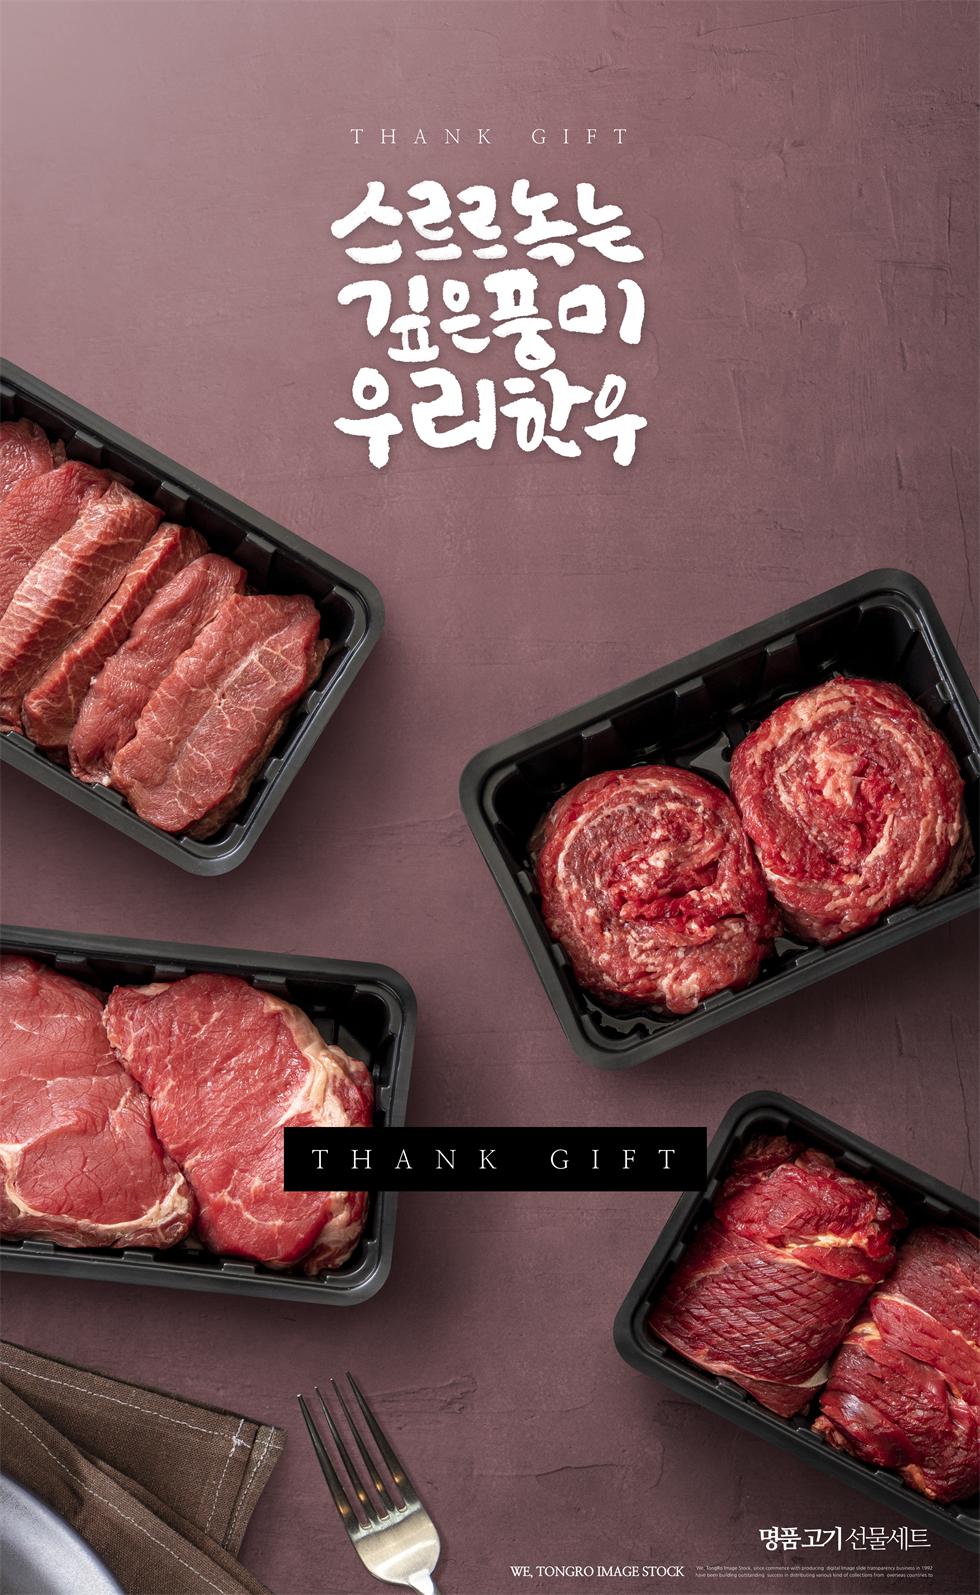 时尚烤肉宣传海报设计